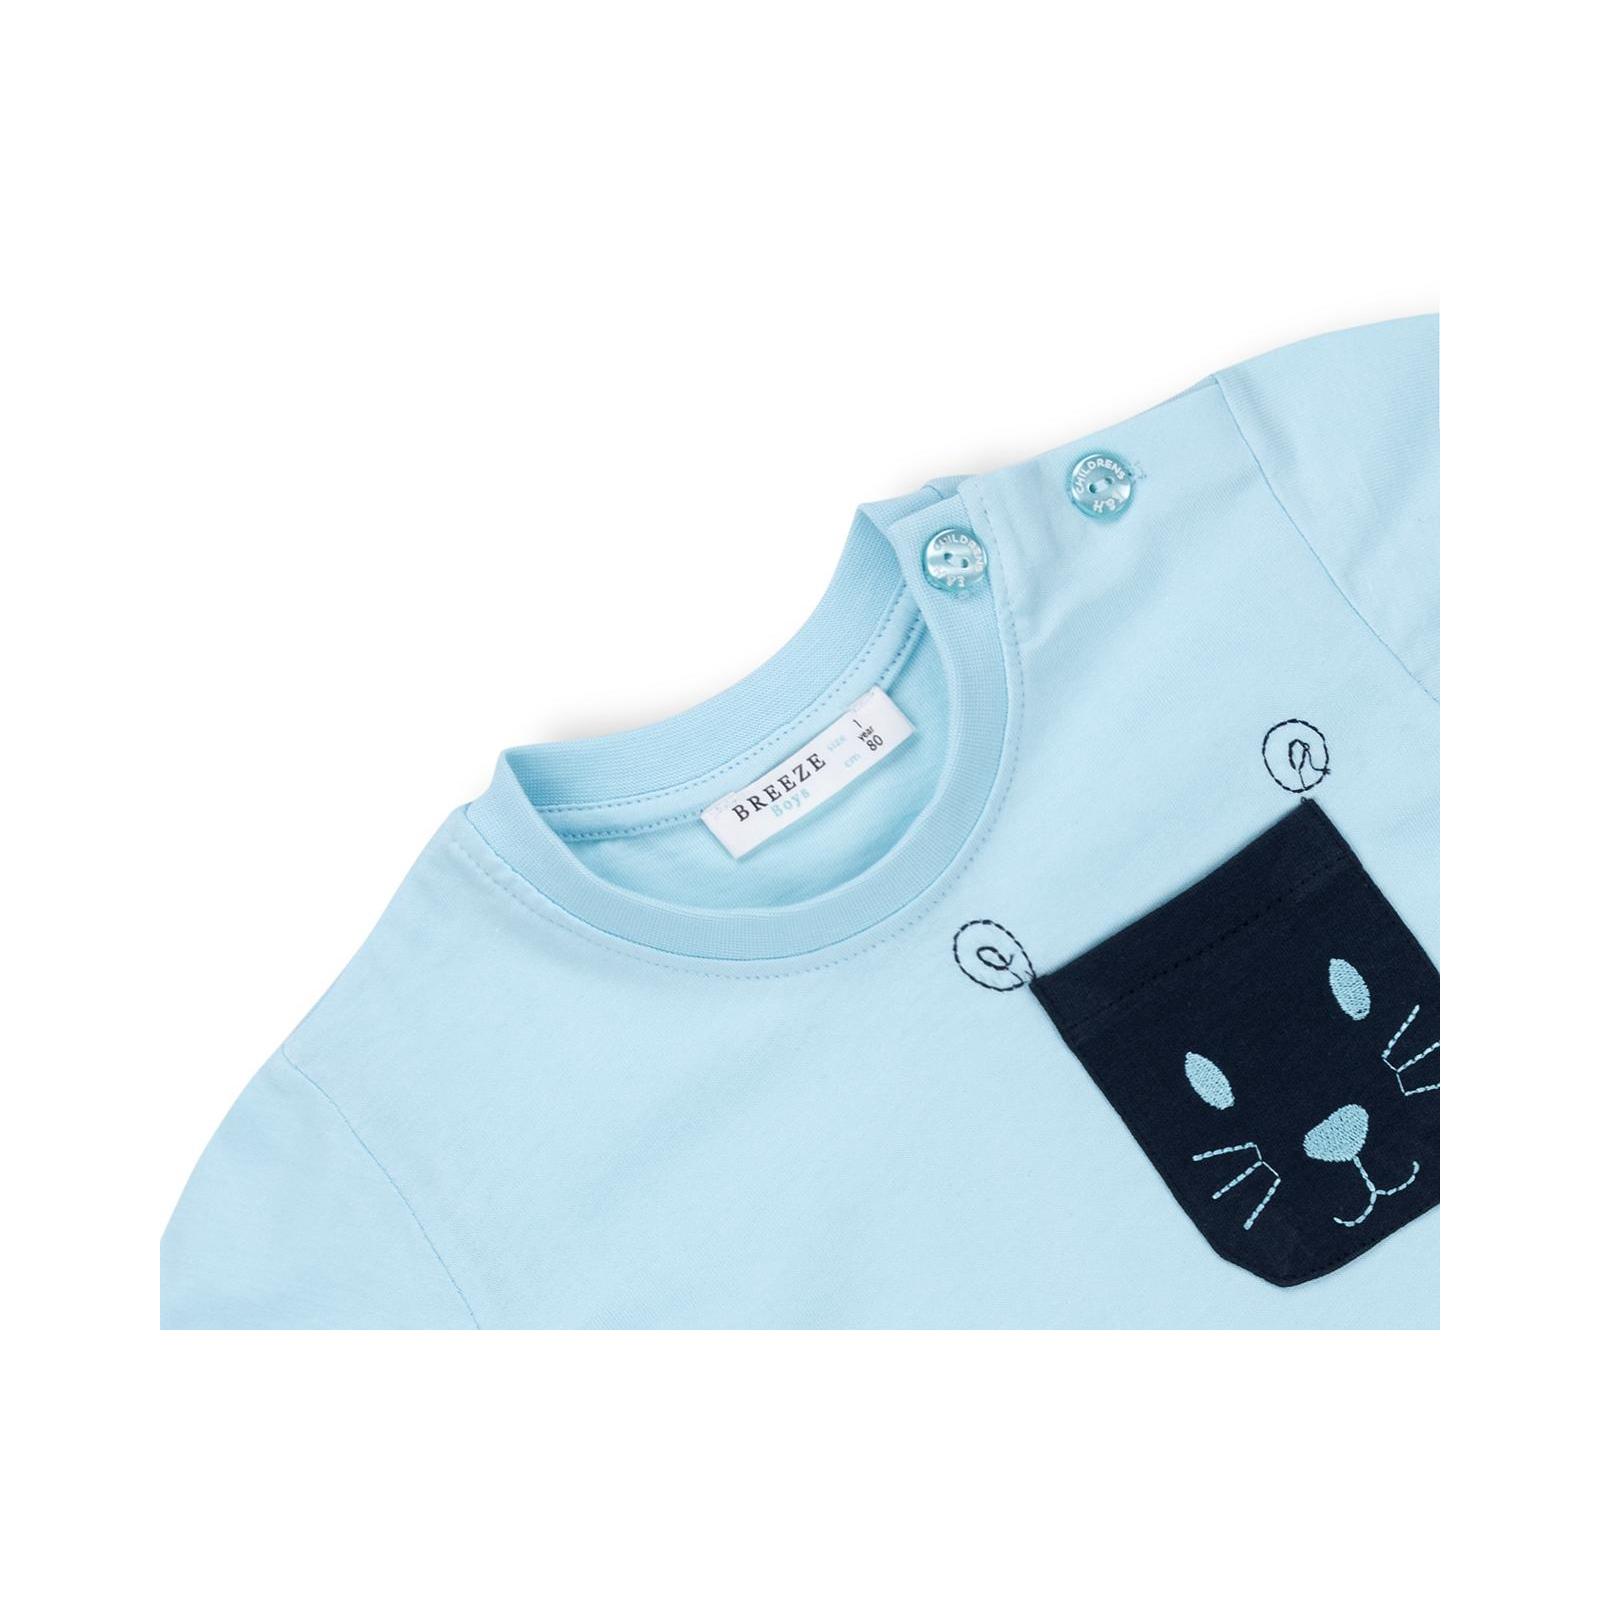 Набор детской одежды Breeze с карманчиками (10234-98G-blue) изображение 7